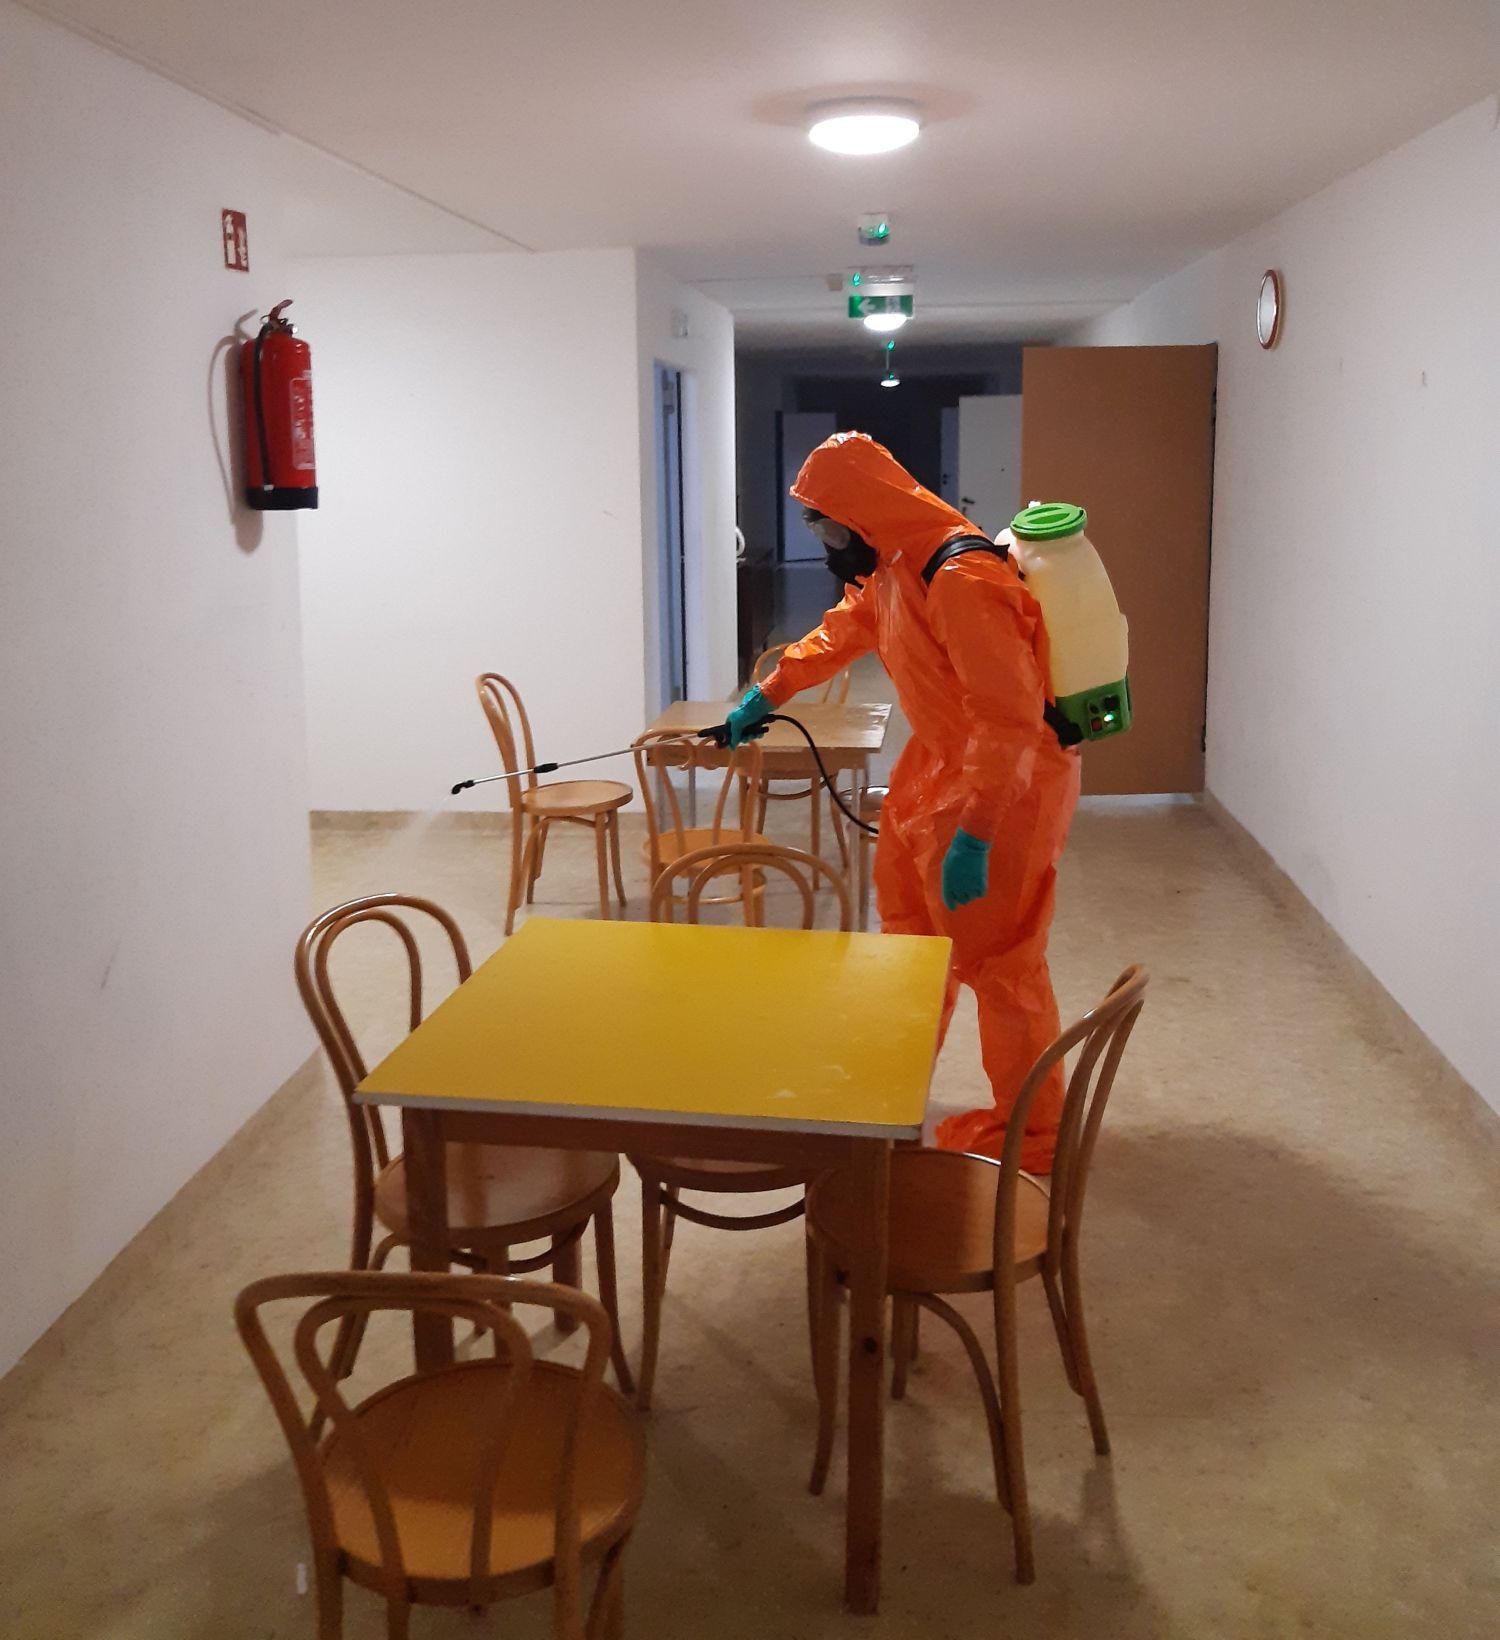 25blp dps teodorowka 1 Zamojscy Terytorialsi w walce z pandemią. Wspierają m.in. personel szpitala